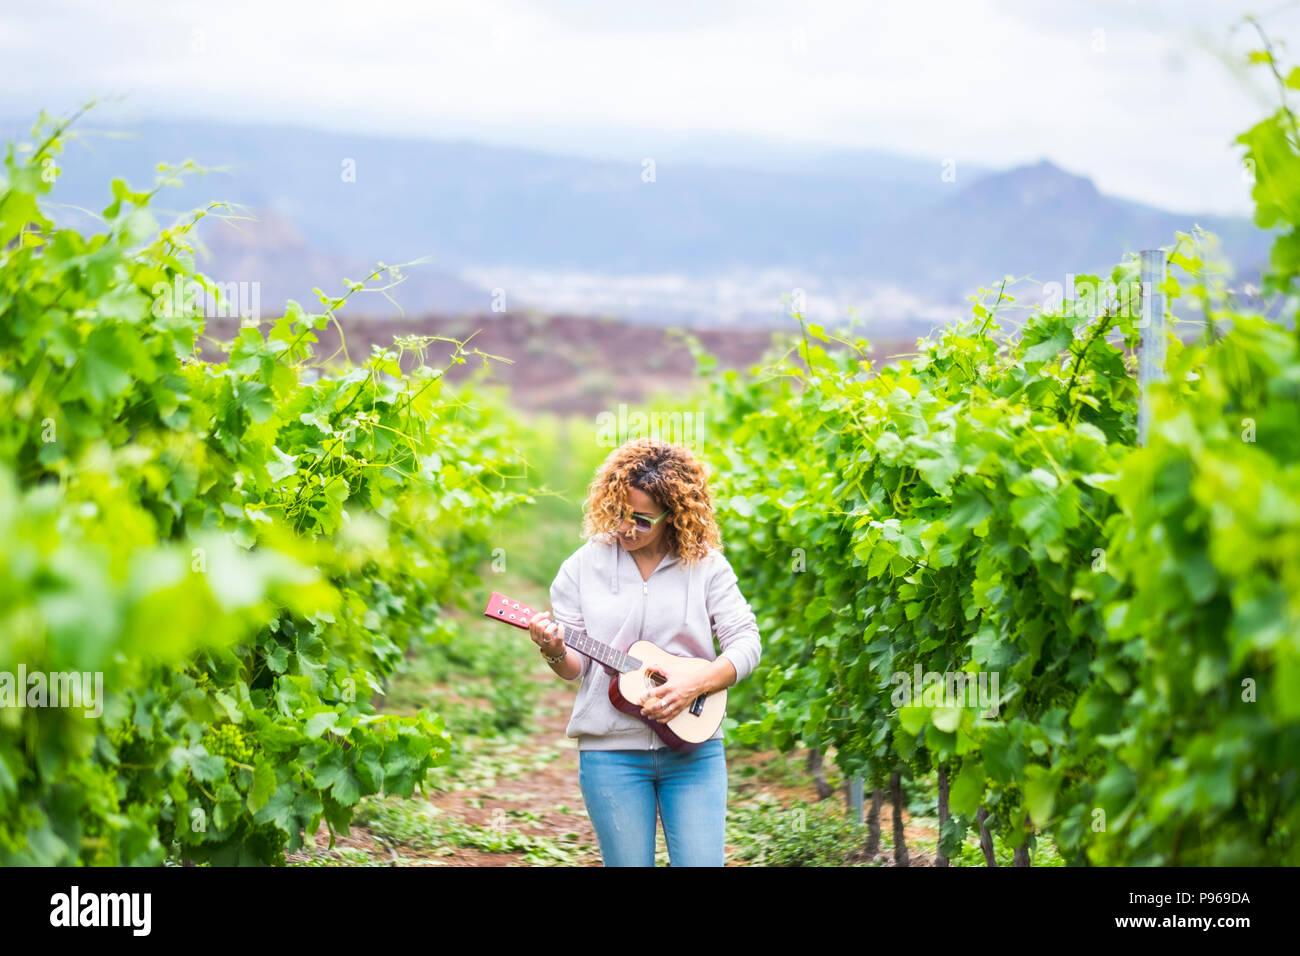 Piscina señora tocando un ukelele guitarra acústica en el viñedo. artista en el trabajo crea una nueva canción y disfrutar de las actividades recreativas con música. beau Imagen De Stock